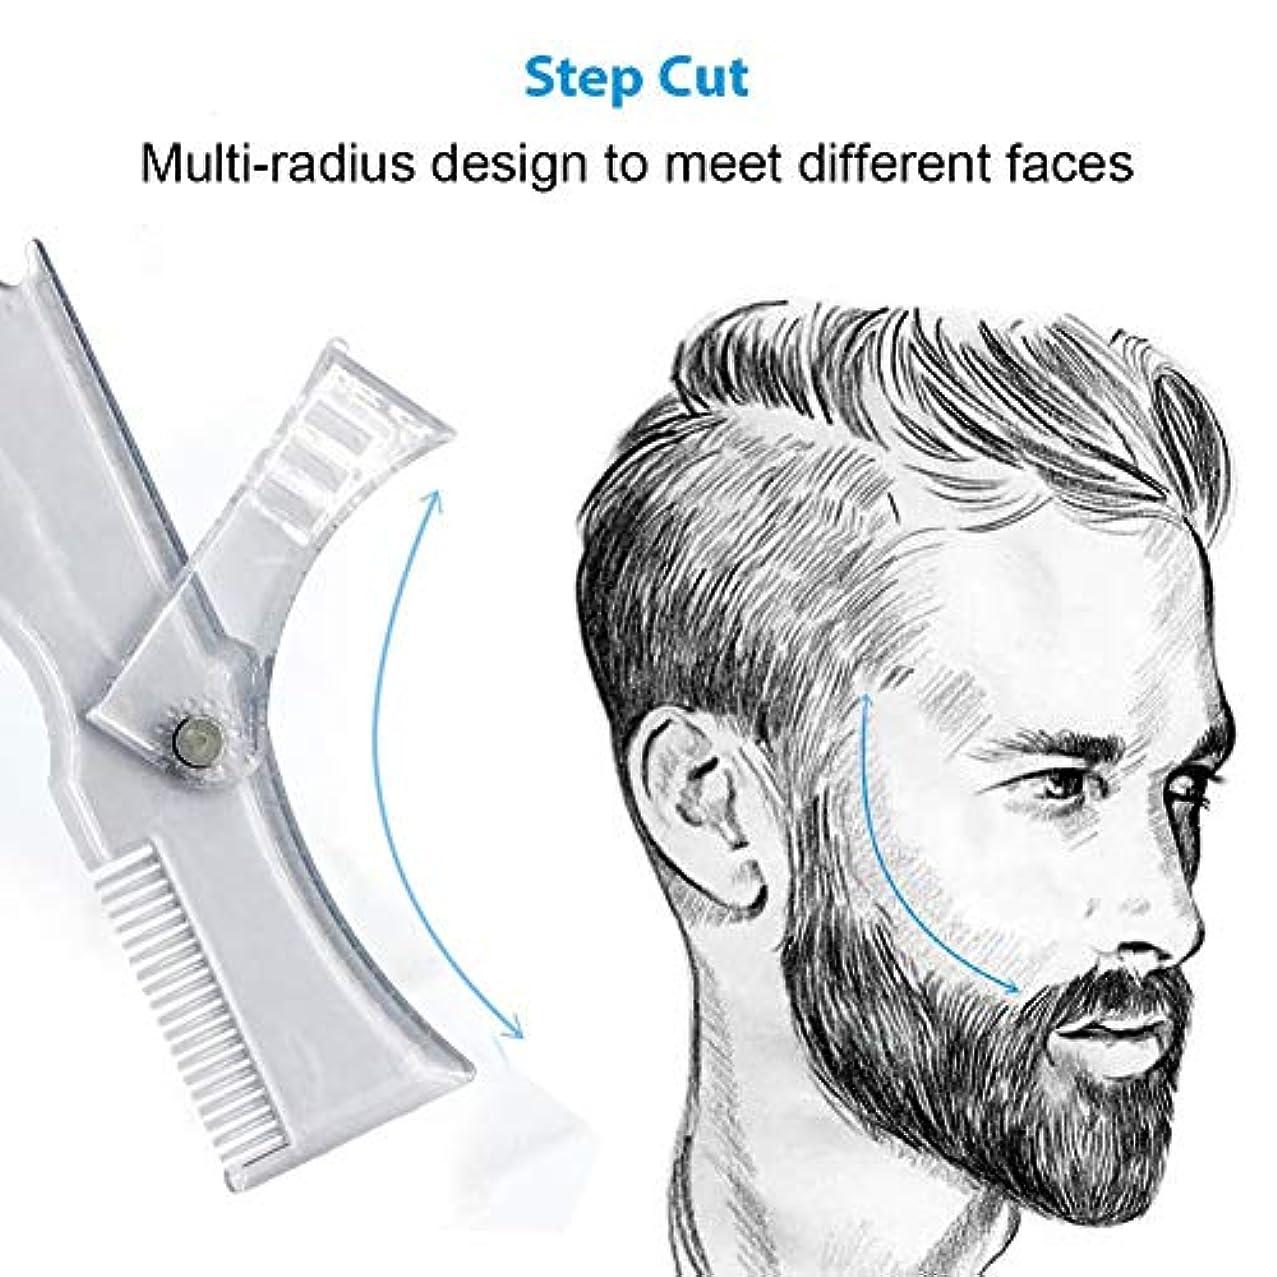 満了パール成分ACHICOO ひげ櫛 回転 ひげ ブラシ 形状テンプレート 櫛 調整可能 スタイリング 角度 モデリング 理髪ツール 男性 メンズ